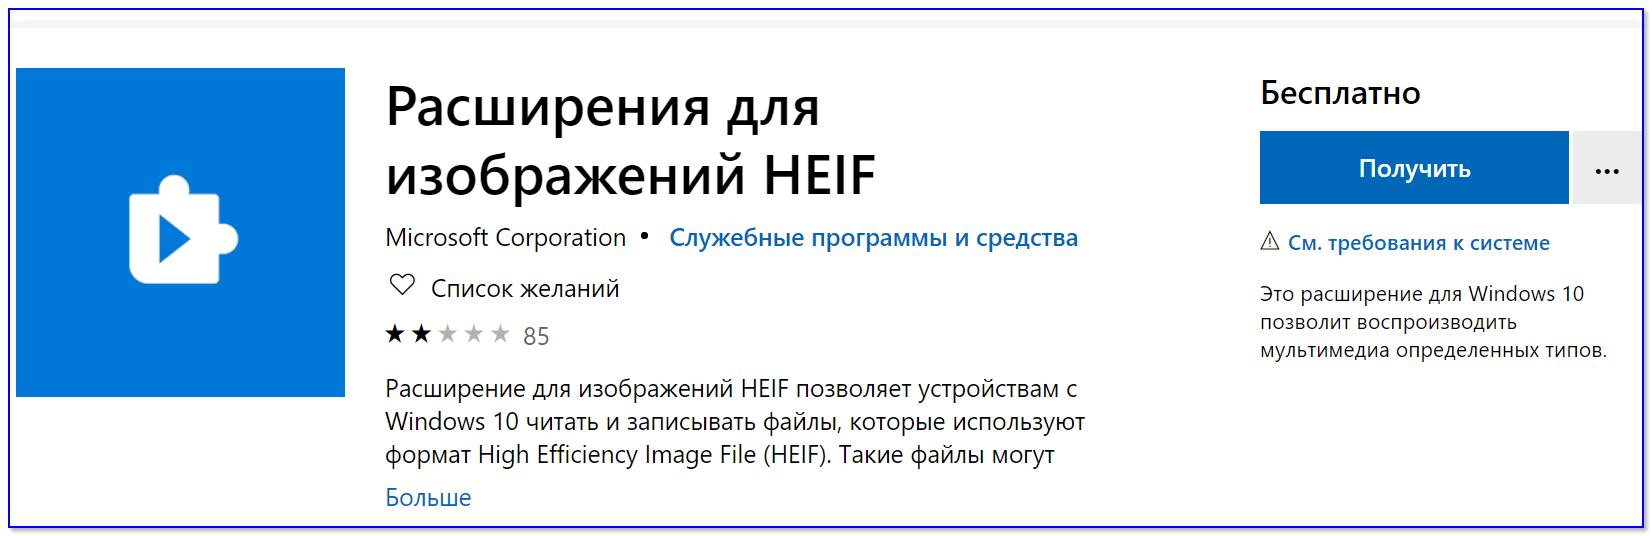 Расширение для изображений HEIF